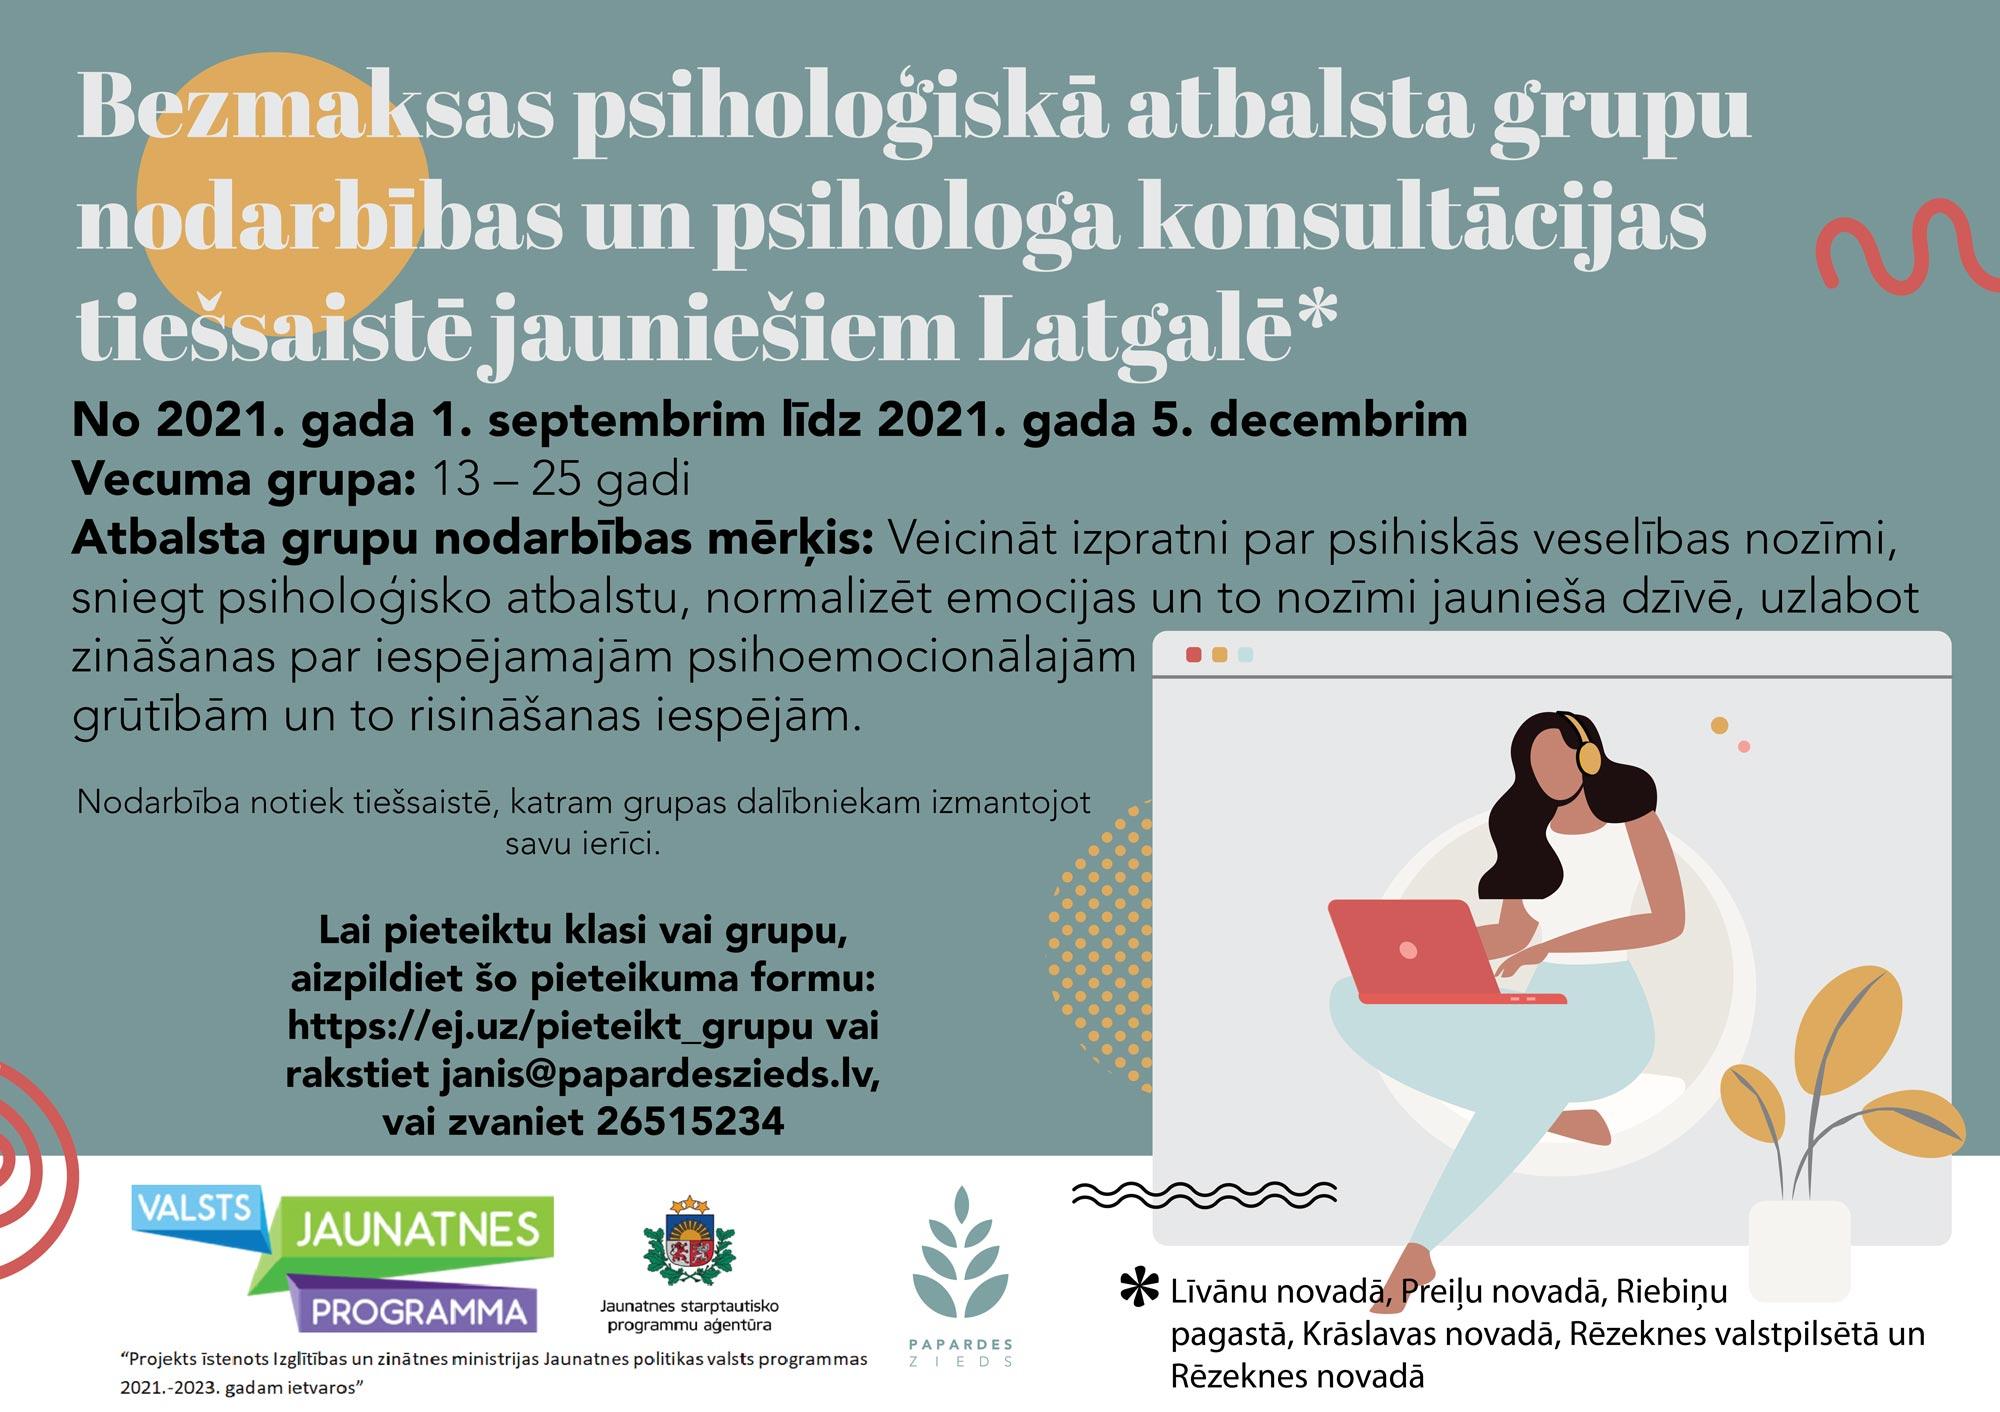 Bezmaksas psiholoģiskā atbalsta grupas un konsultācijas jauniešiem Latgalē